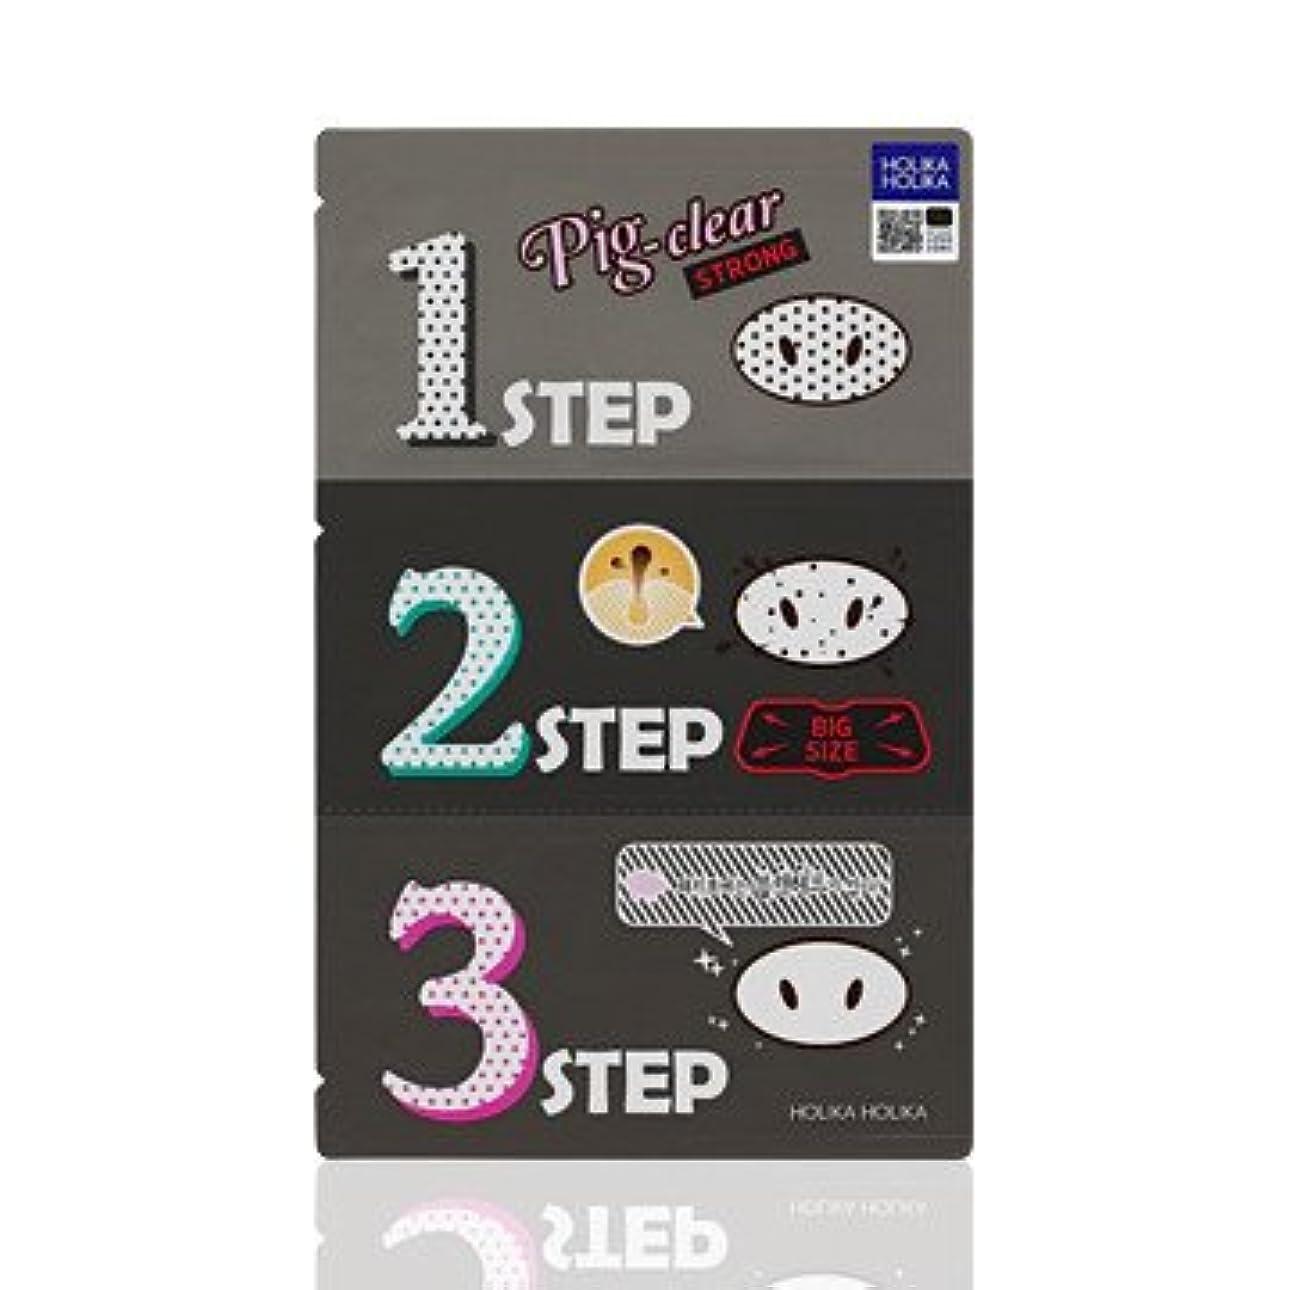 理容室サワーホットHolika Holika Pig Nose Clear Black Head 3-Step Kit 10EA